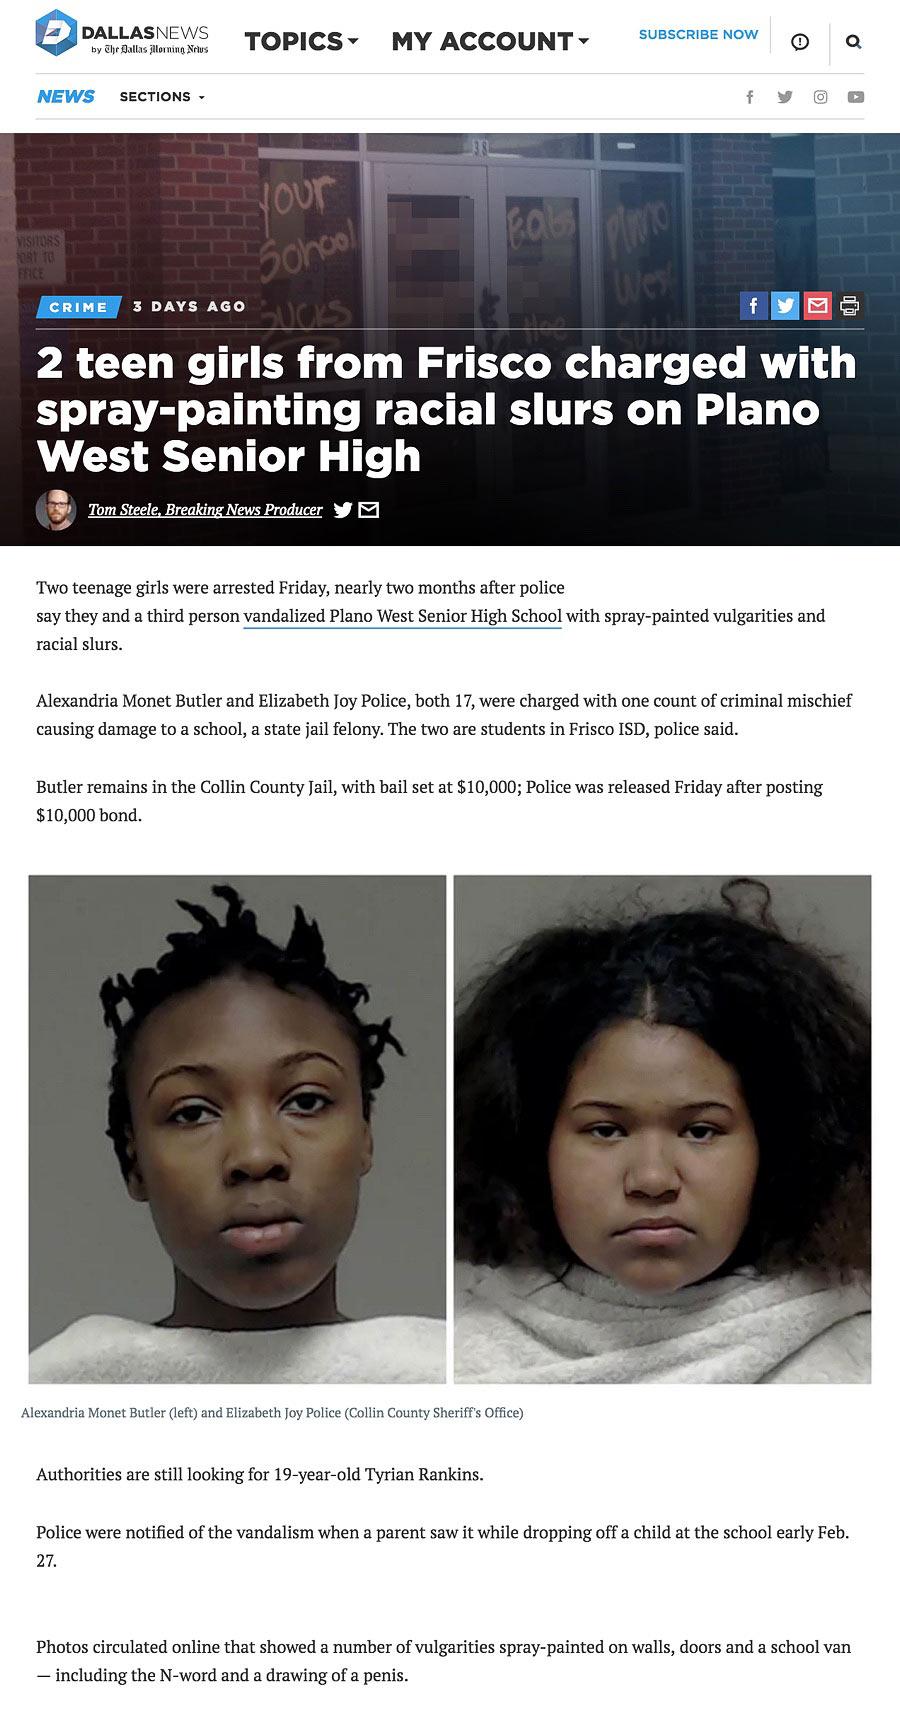 interracial dating Daytonin Ohio